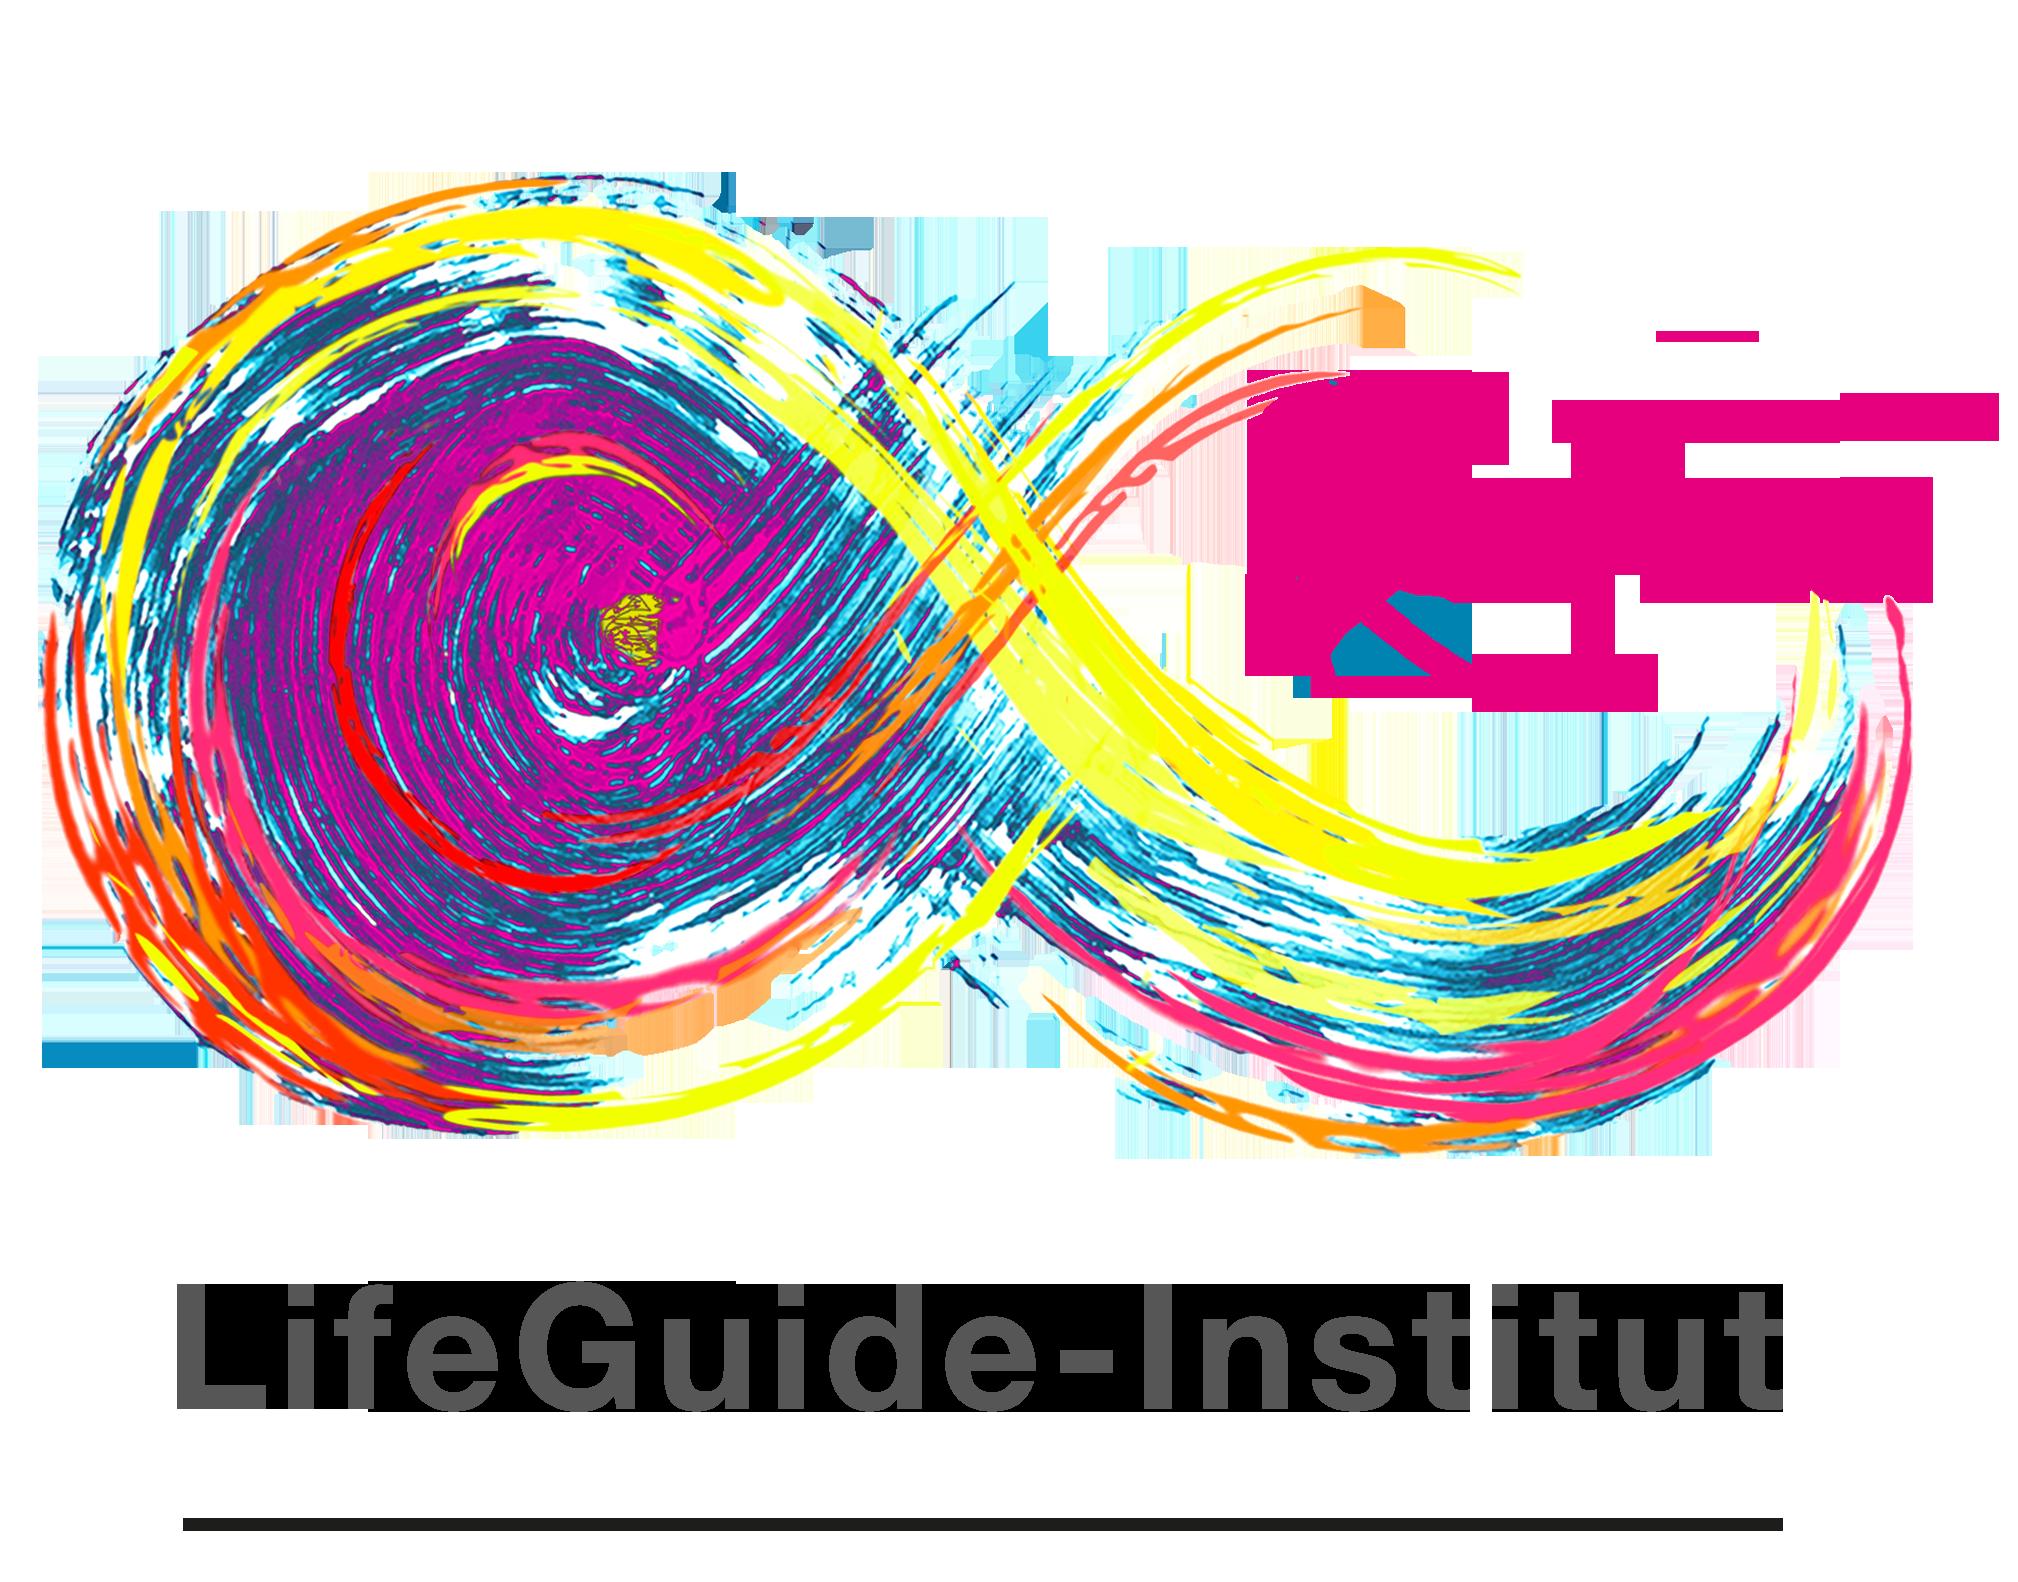 LifeGuide-Institut